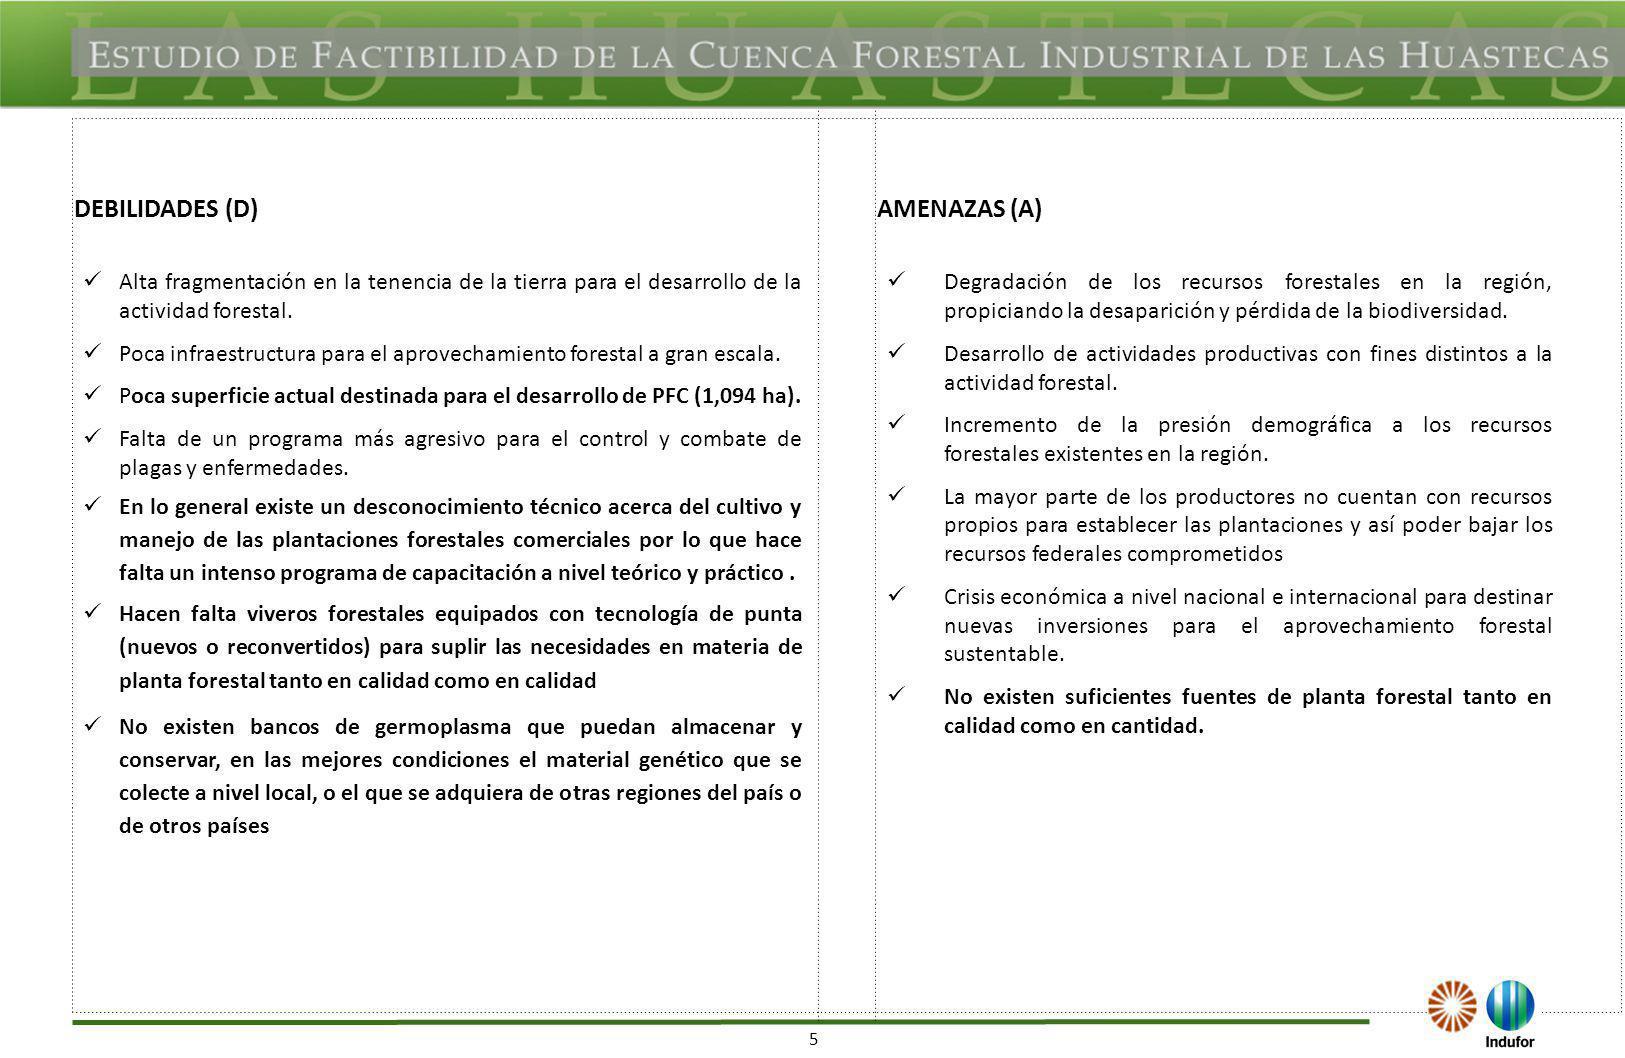 56 VERACRUZ Cobertura de uso de suelo y vegetación USO DE SUELO Y VEGETACIONAREA (HA)% AGRICULTURA DE HUMEDAD12,404.560.68 AGRICULTURA DE RIEGO (INCLUYE RIEGO EVENTUAL)73,900.594.04 AGRICULTURA DE TEMPORAL CON CULTIVOS ANUALES117,968.096.44 AGRICULTURA DE TEMPORAL CON CULTIVOS PERMANENTES Y SEMIPERMANENTES182,564.529.97 AREA SIN VEGETACION APARENTE2,313.370.13 ASENTAMIENTO HUMANO10,622.050.58 BOSQUE DE ENCINO3,612.630.20 BOSQUE DE ENCINO CON VEGETACION SECUNDARIA2,729.760.15 BOSQUE DE PINO354.420.02 BOSQUE DE PINO CON VEGETACION SECUNDARIA192.690.01 BOSQUE MESOFILO DE MONTAA3,401.570.19 BOSQUE MESOFILO DE MONTAA CON VEGETACION SECUNDARIA7,342.150.40 CUERPO DE AGUA145,328.227.94 MANGLAR13,446.200.73 PALMAR1,387.220.08 PASTIZAL CULTIVADO1,010,155.3255.18 PASTIZAL INDUCIDO1,388.120.08 POPAL-TULAR17,331.870.95 SELVA ALTA Y MEDIANA PERENNIFOLIA2,476.170.14 SELVA ALTA Y MEDIANA PERENNIFOLIA CON VEGETACION SECUNDARIA53,154.682.90 SELVA ALTA Y MEDIANA SUBPERENNIFOLIA36,271.251.98 SELVA ALTA Y MEDIANA SUBPERENNIFOLIA CON VEGETACION SECUNDARIA87,796.044.80 SELVA BAJA CADUCIFOLIA Y SUBCADUCIFOLIA11,230.540.61 SELVA BAJA CADUCIFOLIA Y SUBCADUCIFOLIA CON VEGETACION SECUNDARIA11,646.580.64 SELVA MEDIANA CADUCIFOLIA Y SUBCADUCIFOLIA34.950.00 VEGETACION DE DUNAS COSTERAS2,583.870.14 VEGETACION DE GALERIA (INCLUYE BOSQUE, SELVA Y VEGETACION DE GALERIA)136.090.01 VEGETACION HALOFILA Y GIPSOFILA18,765.781.03 TOTAL GENERAL1,830,539.30100.00 FORTALEZAS Desde el punto de vista forestal En Hidalgo 150,031.07 hectáreas presentan aptitud forestal representando el 44% de la superficie total estatal correspondiente al área de estudio.